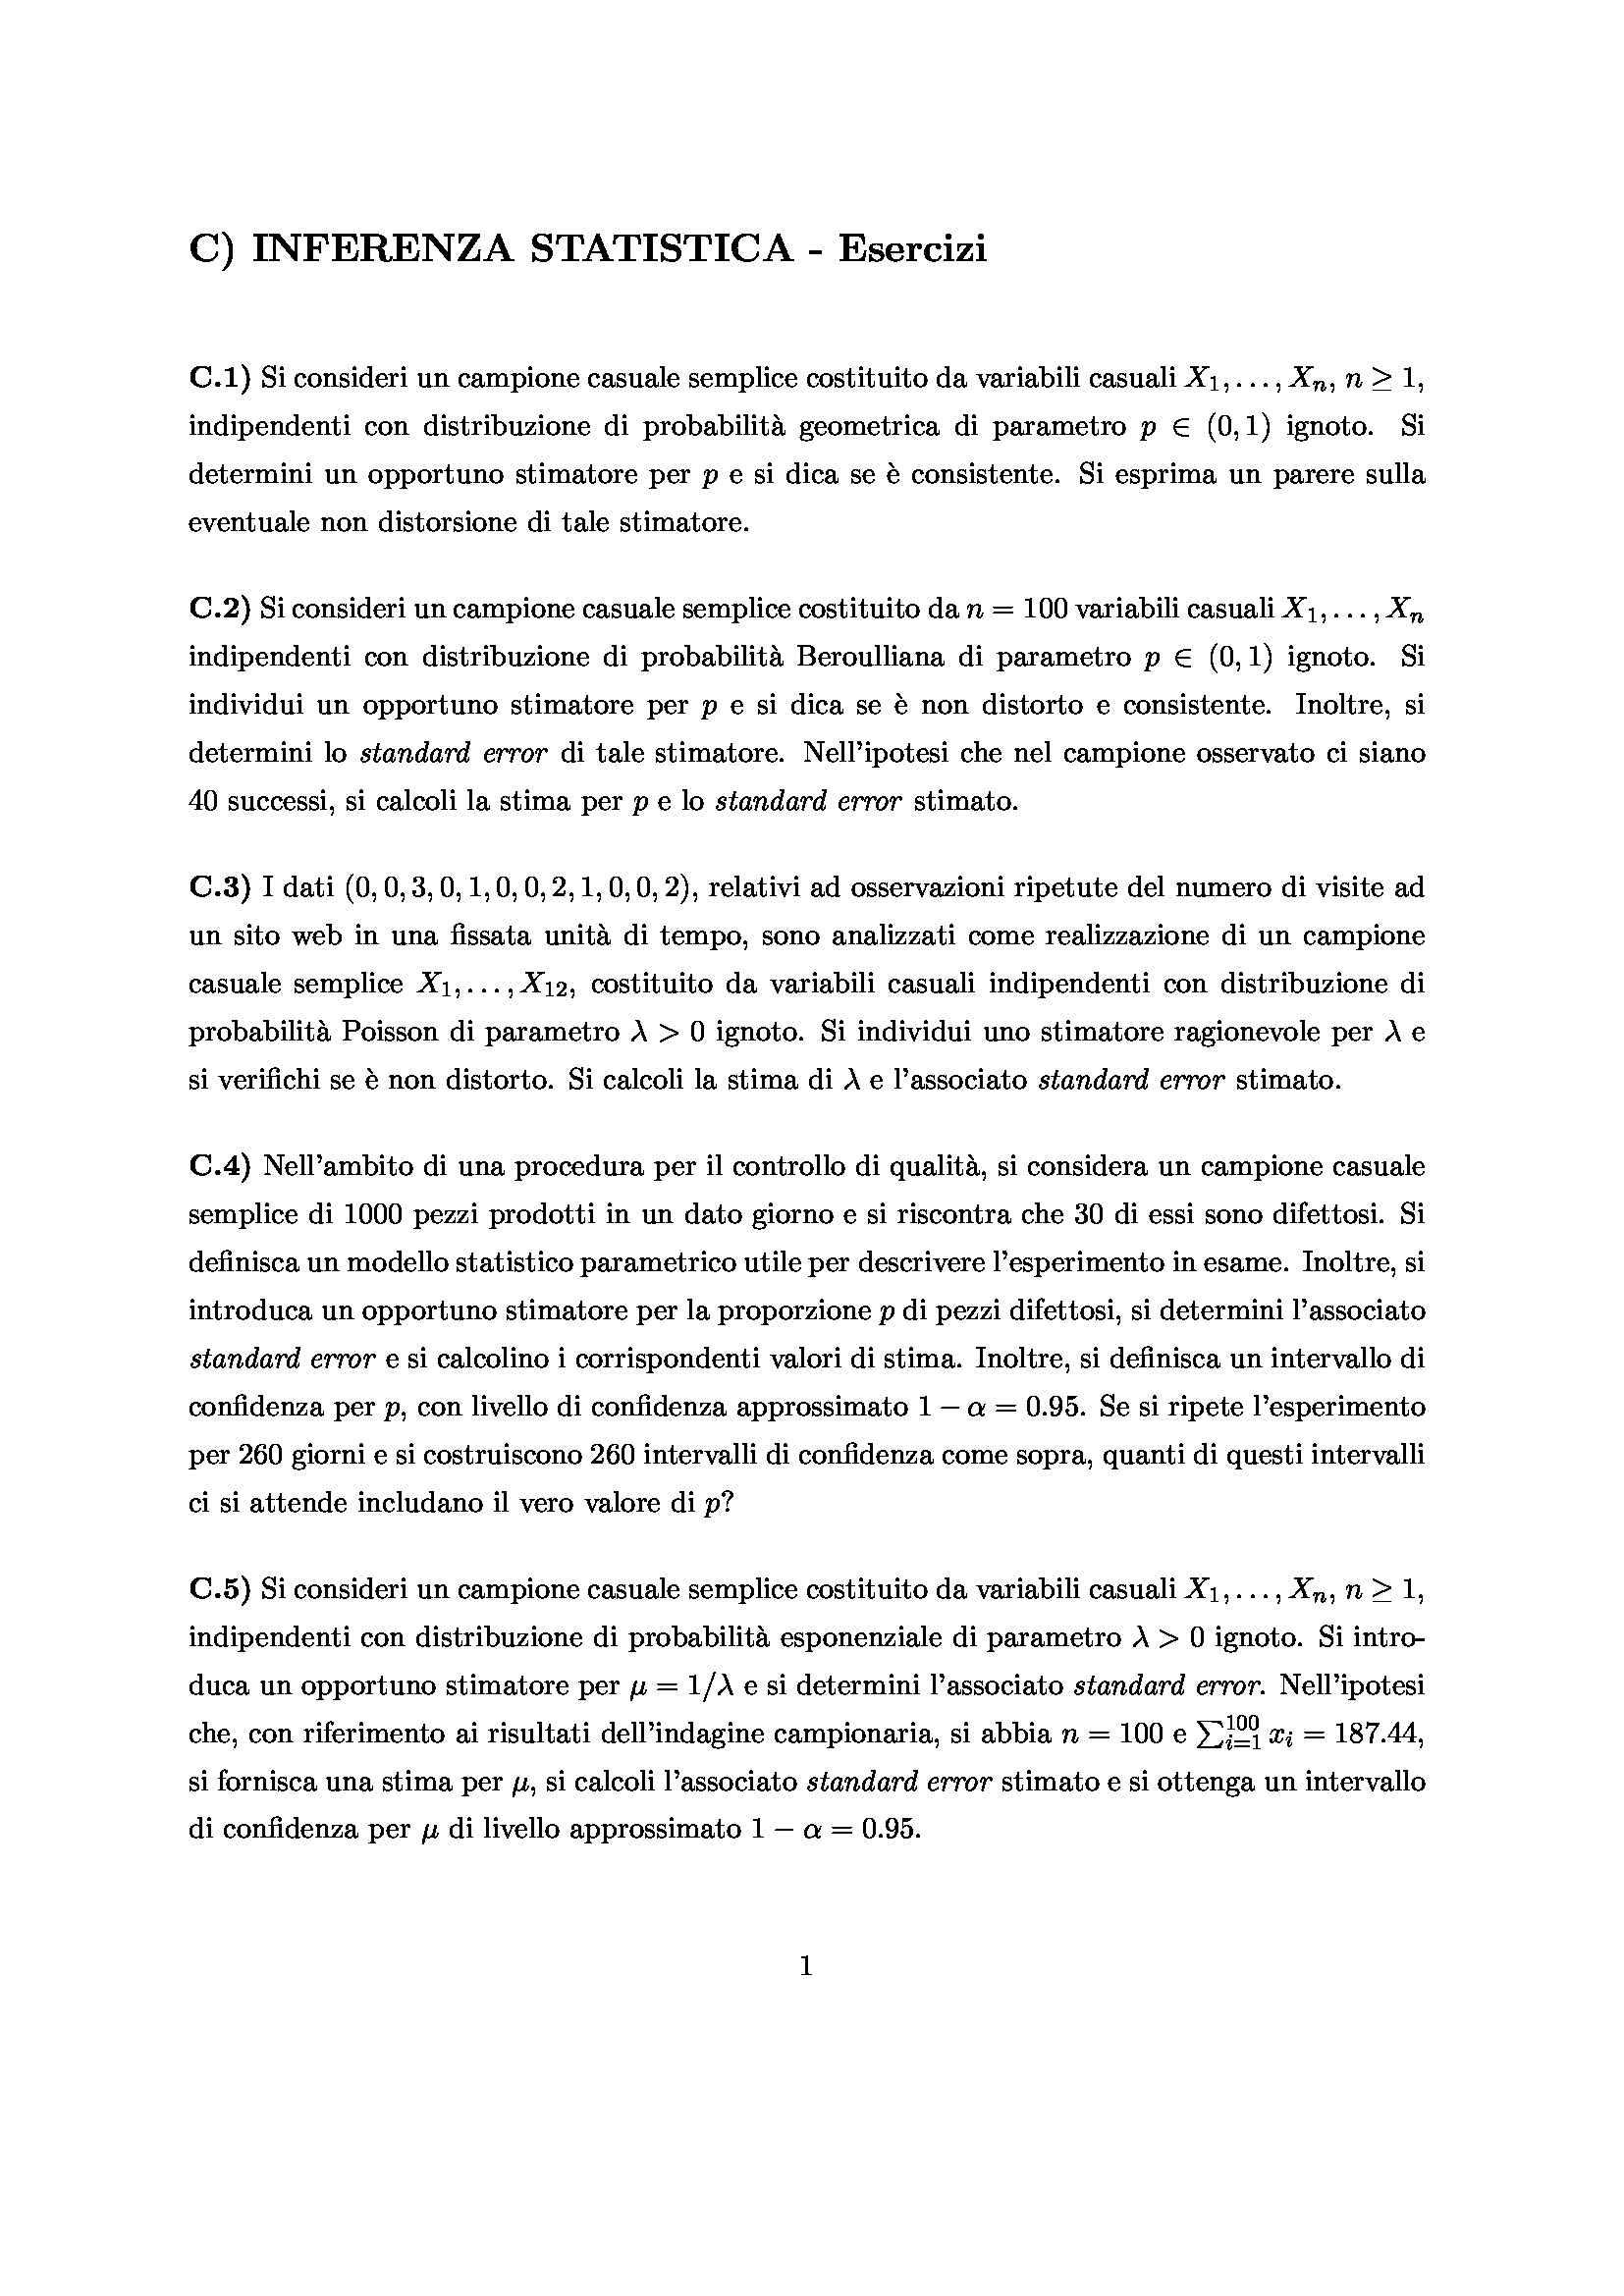 Statistica per la ricerca sperimentale - Inferenza statistica